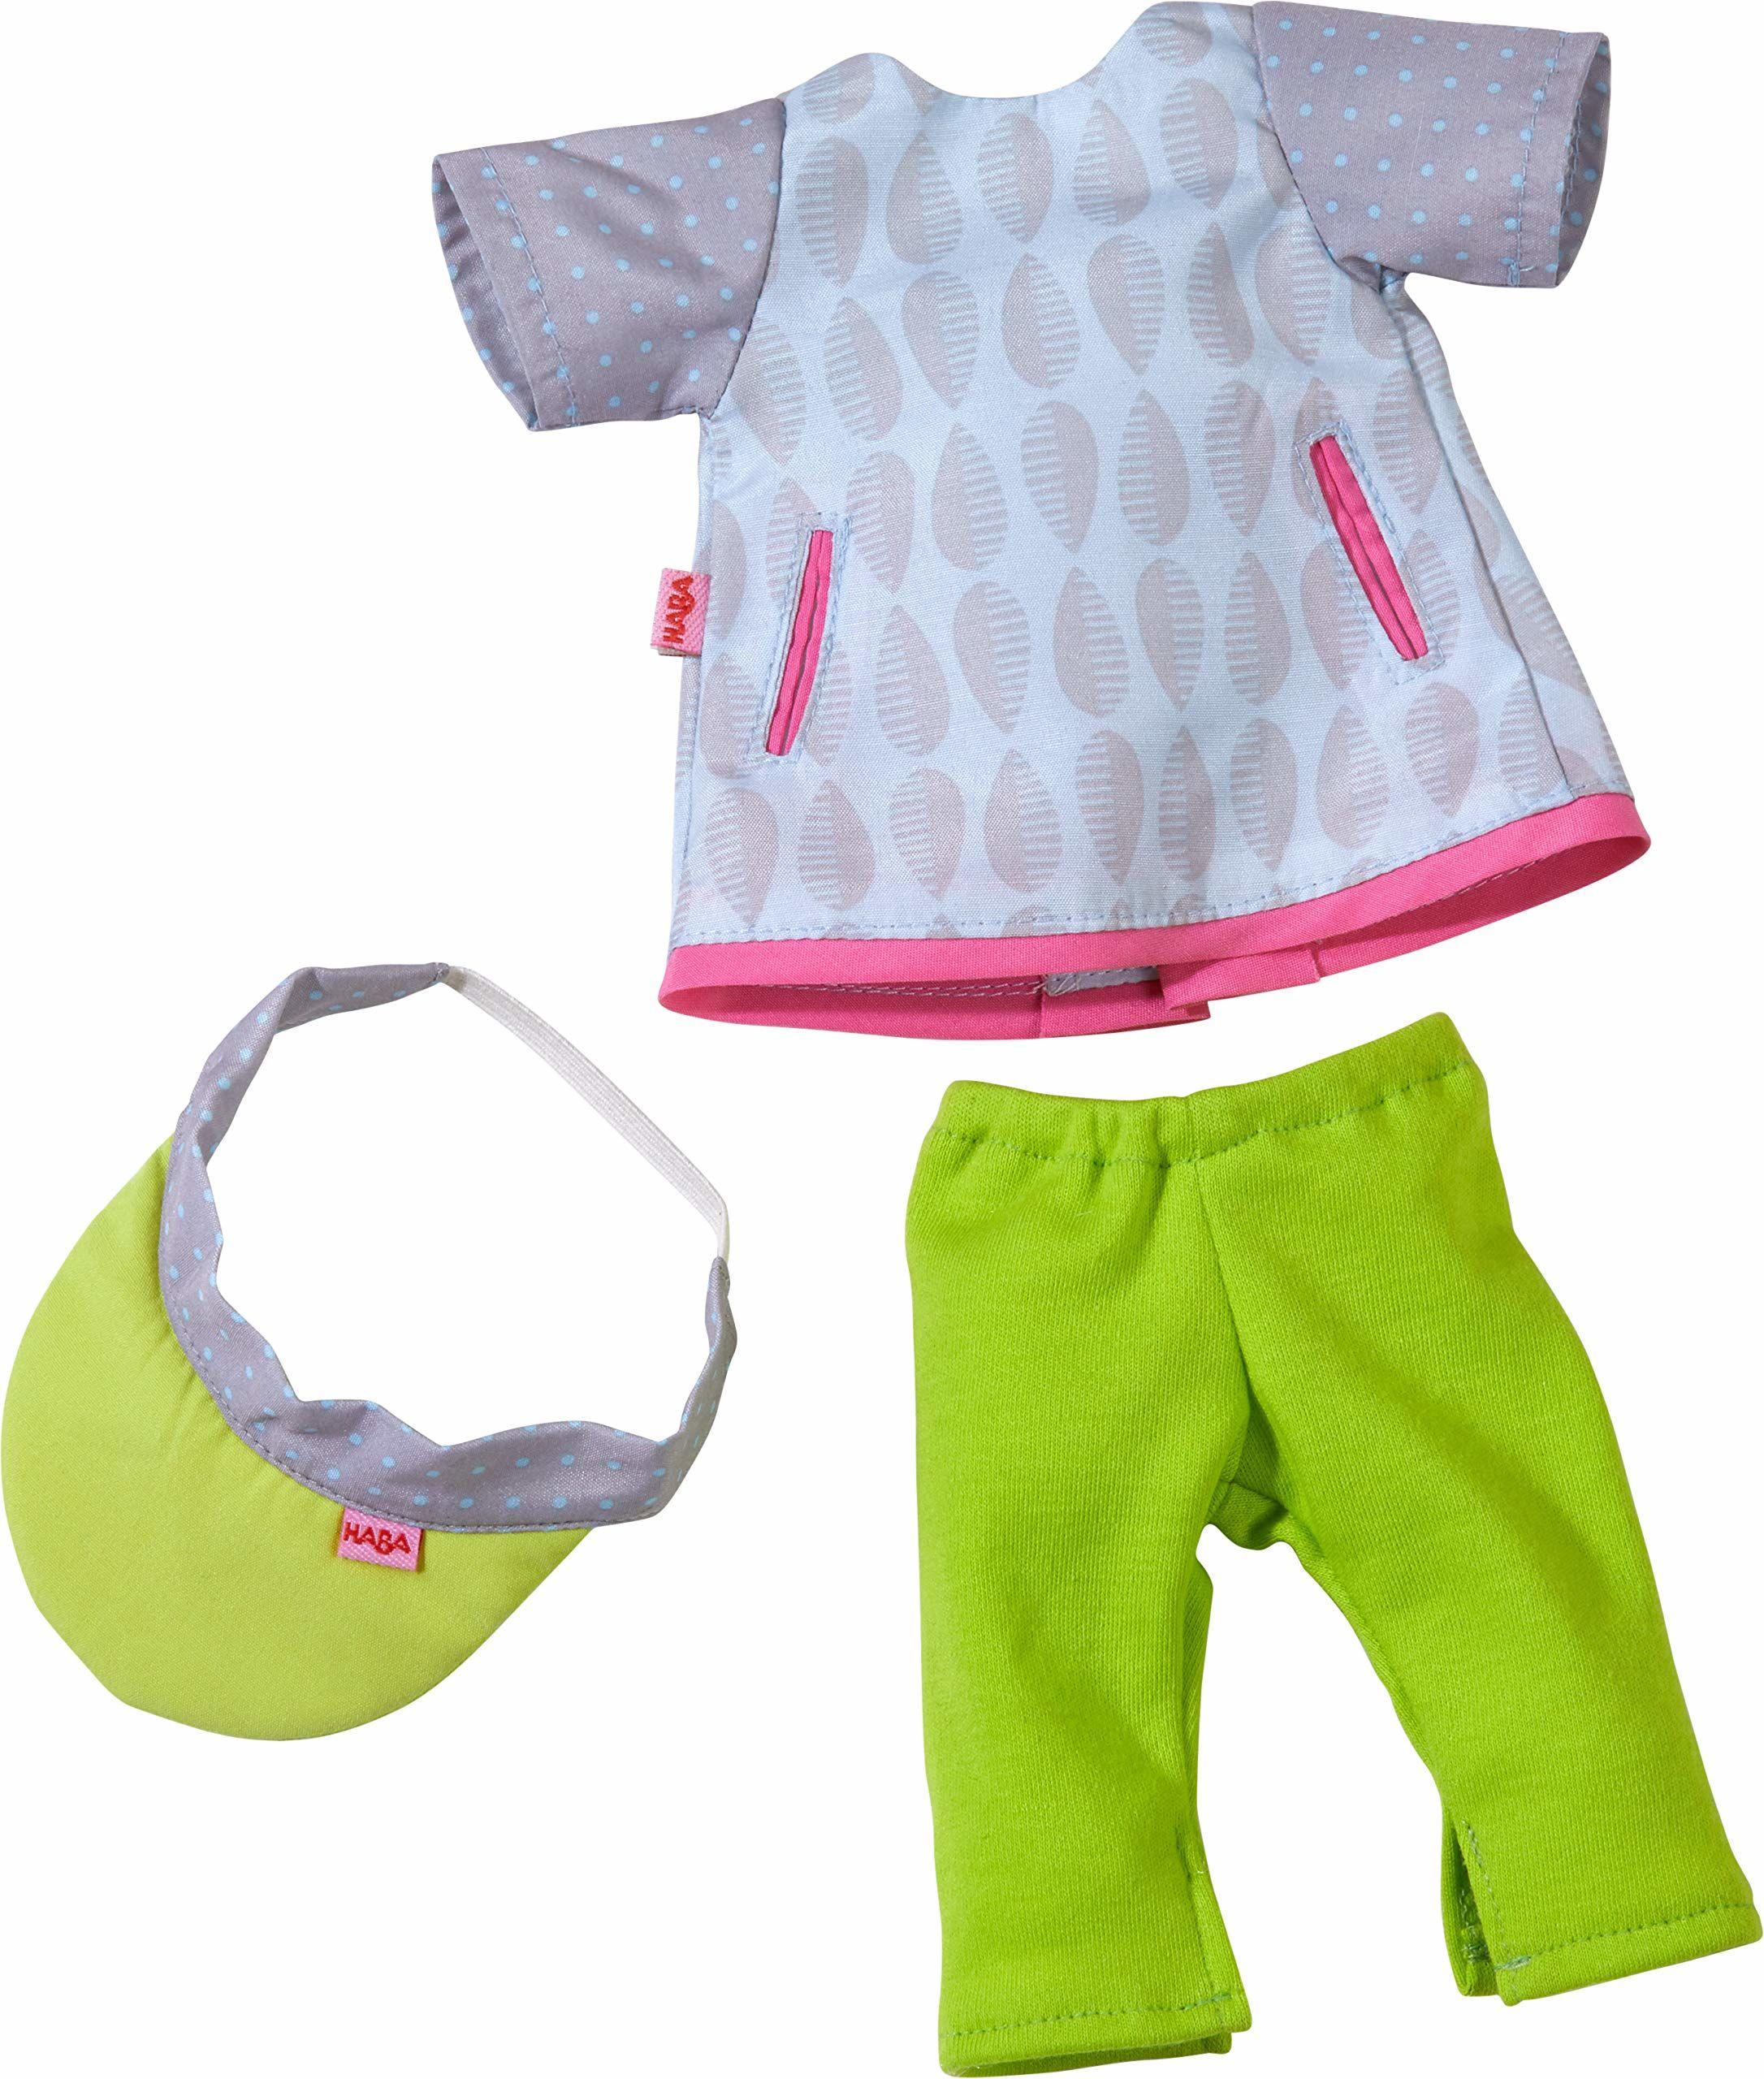 HABA 305536  zestaw odzieży do uprawiania sportu, zestaw składający się z sukienki, legginsów i czapki z daszkiem, akcesoria dla lalek o wielkości 32 cm, zabawka dla dzieci od 18 miesięcy